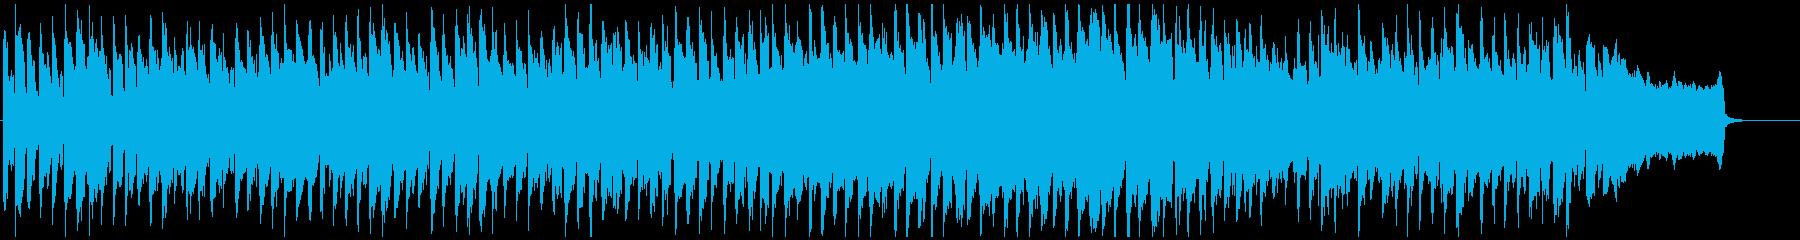 楽しい、明るいリコーダー・ポップ、キッズの再生済みの波形